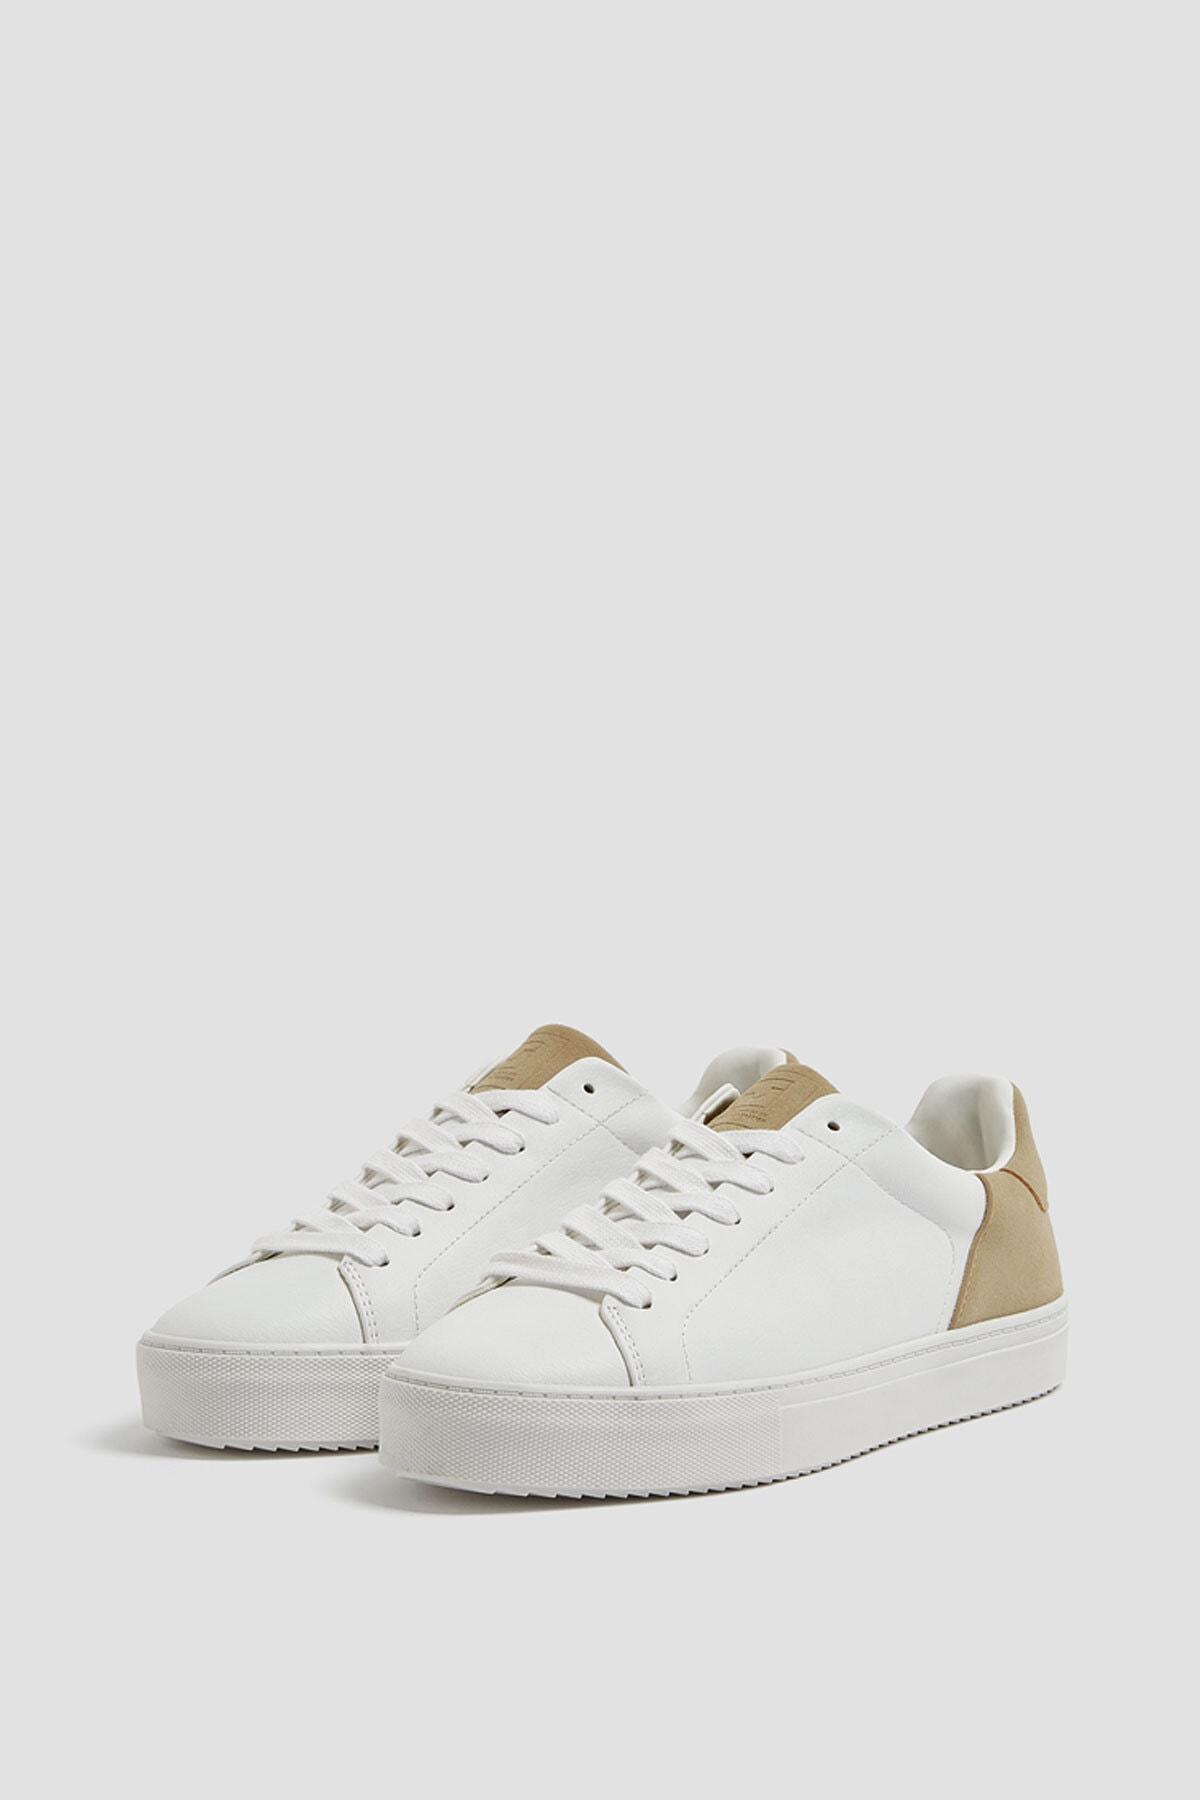 Pull & Bear Erkek Beyaz Kontrast Spor Ayakkabı 12229540 2